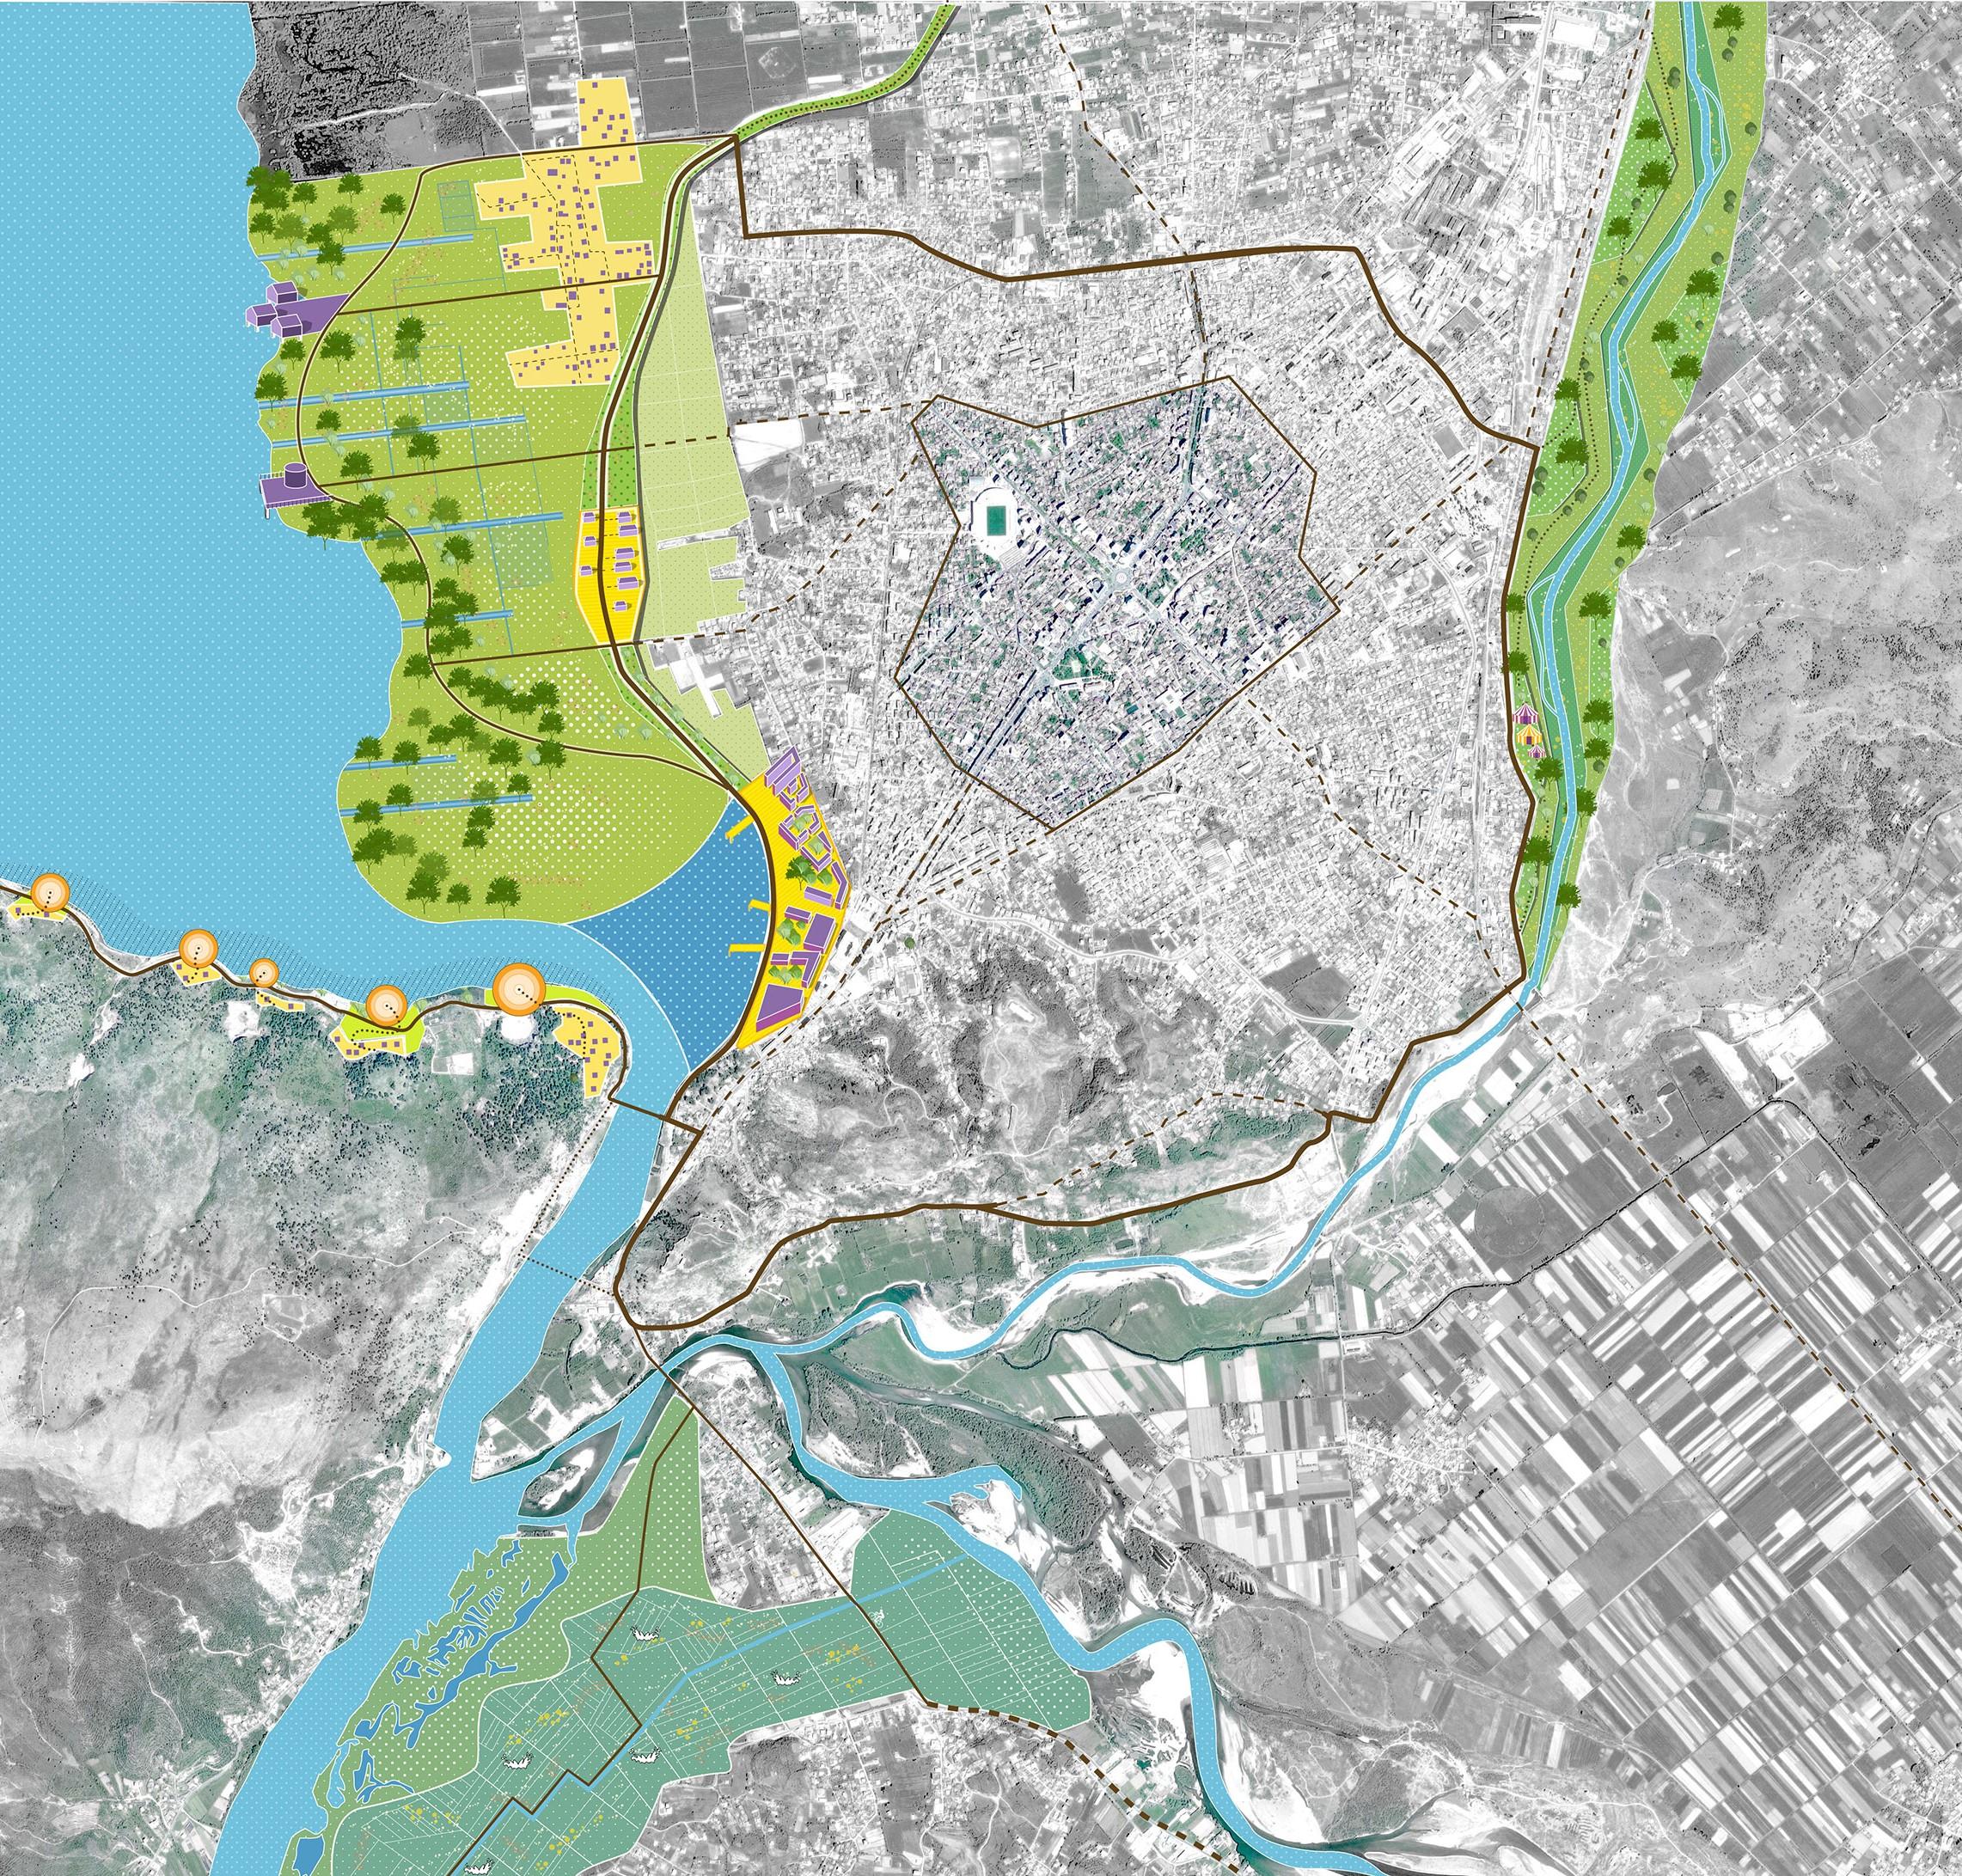 felixx-skodra-basemap.jpg